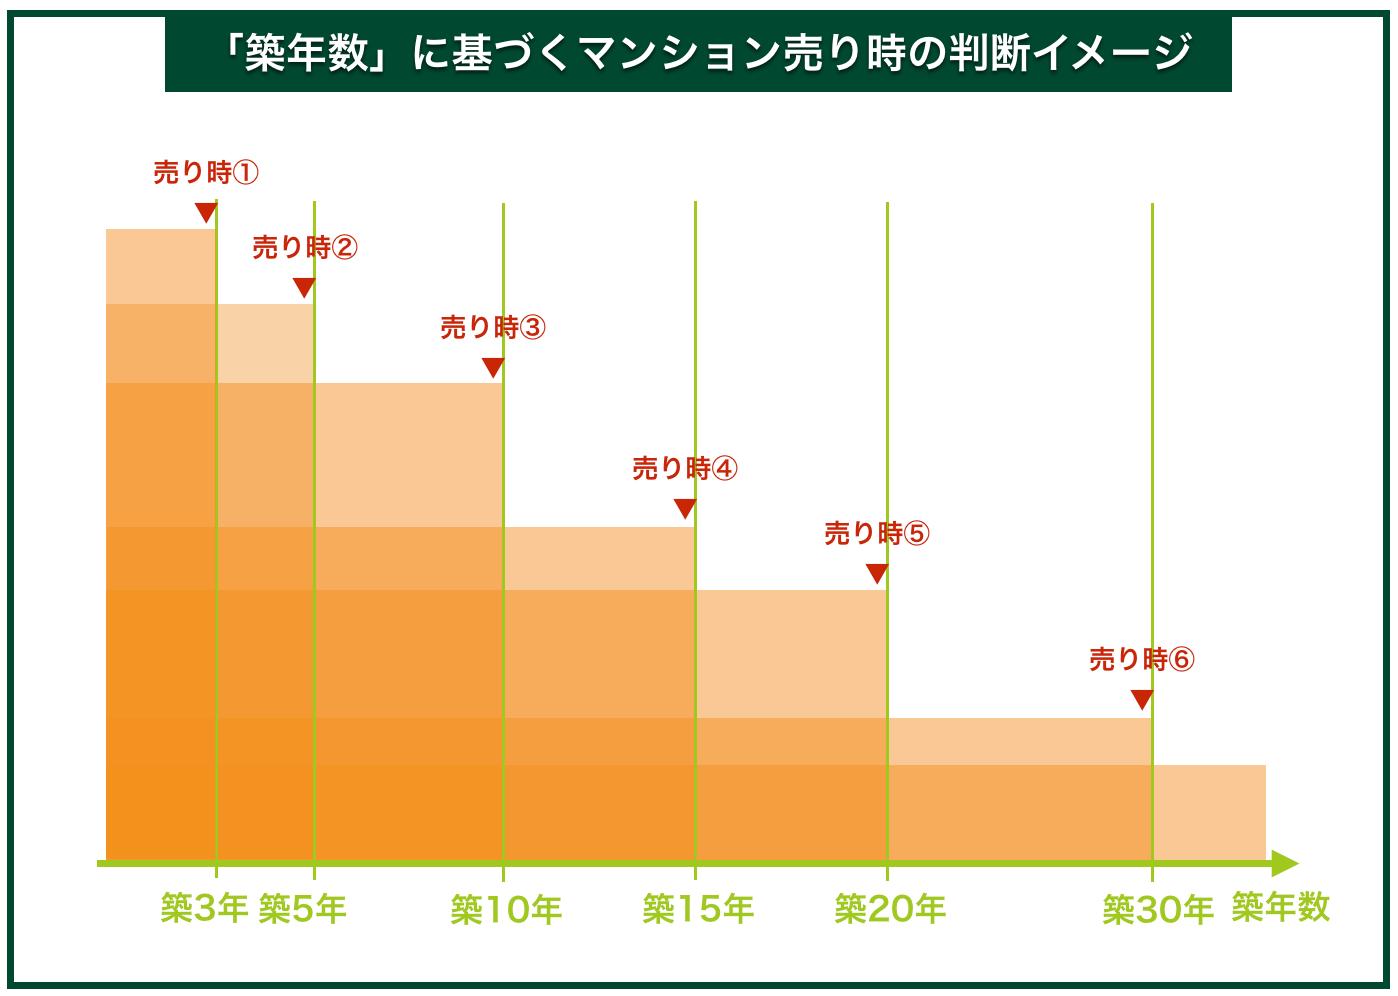 「築年数」に基づくマンション売り時の判断イメージ